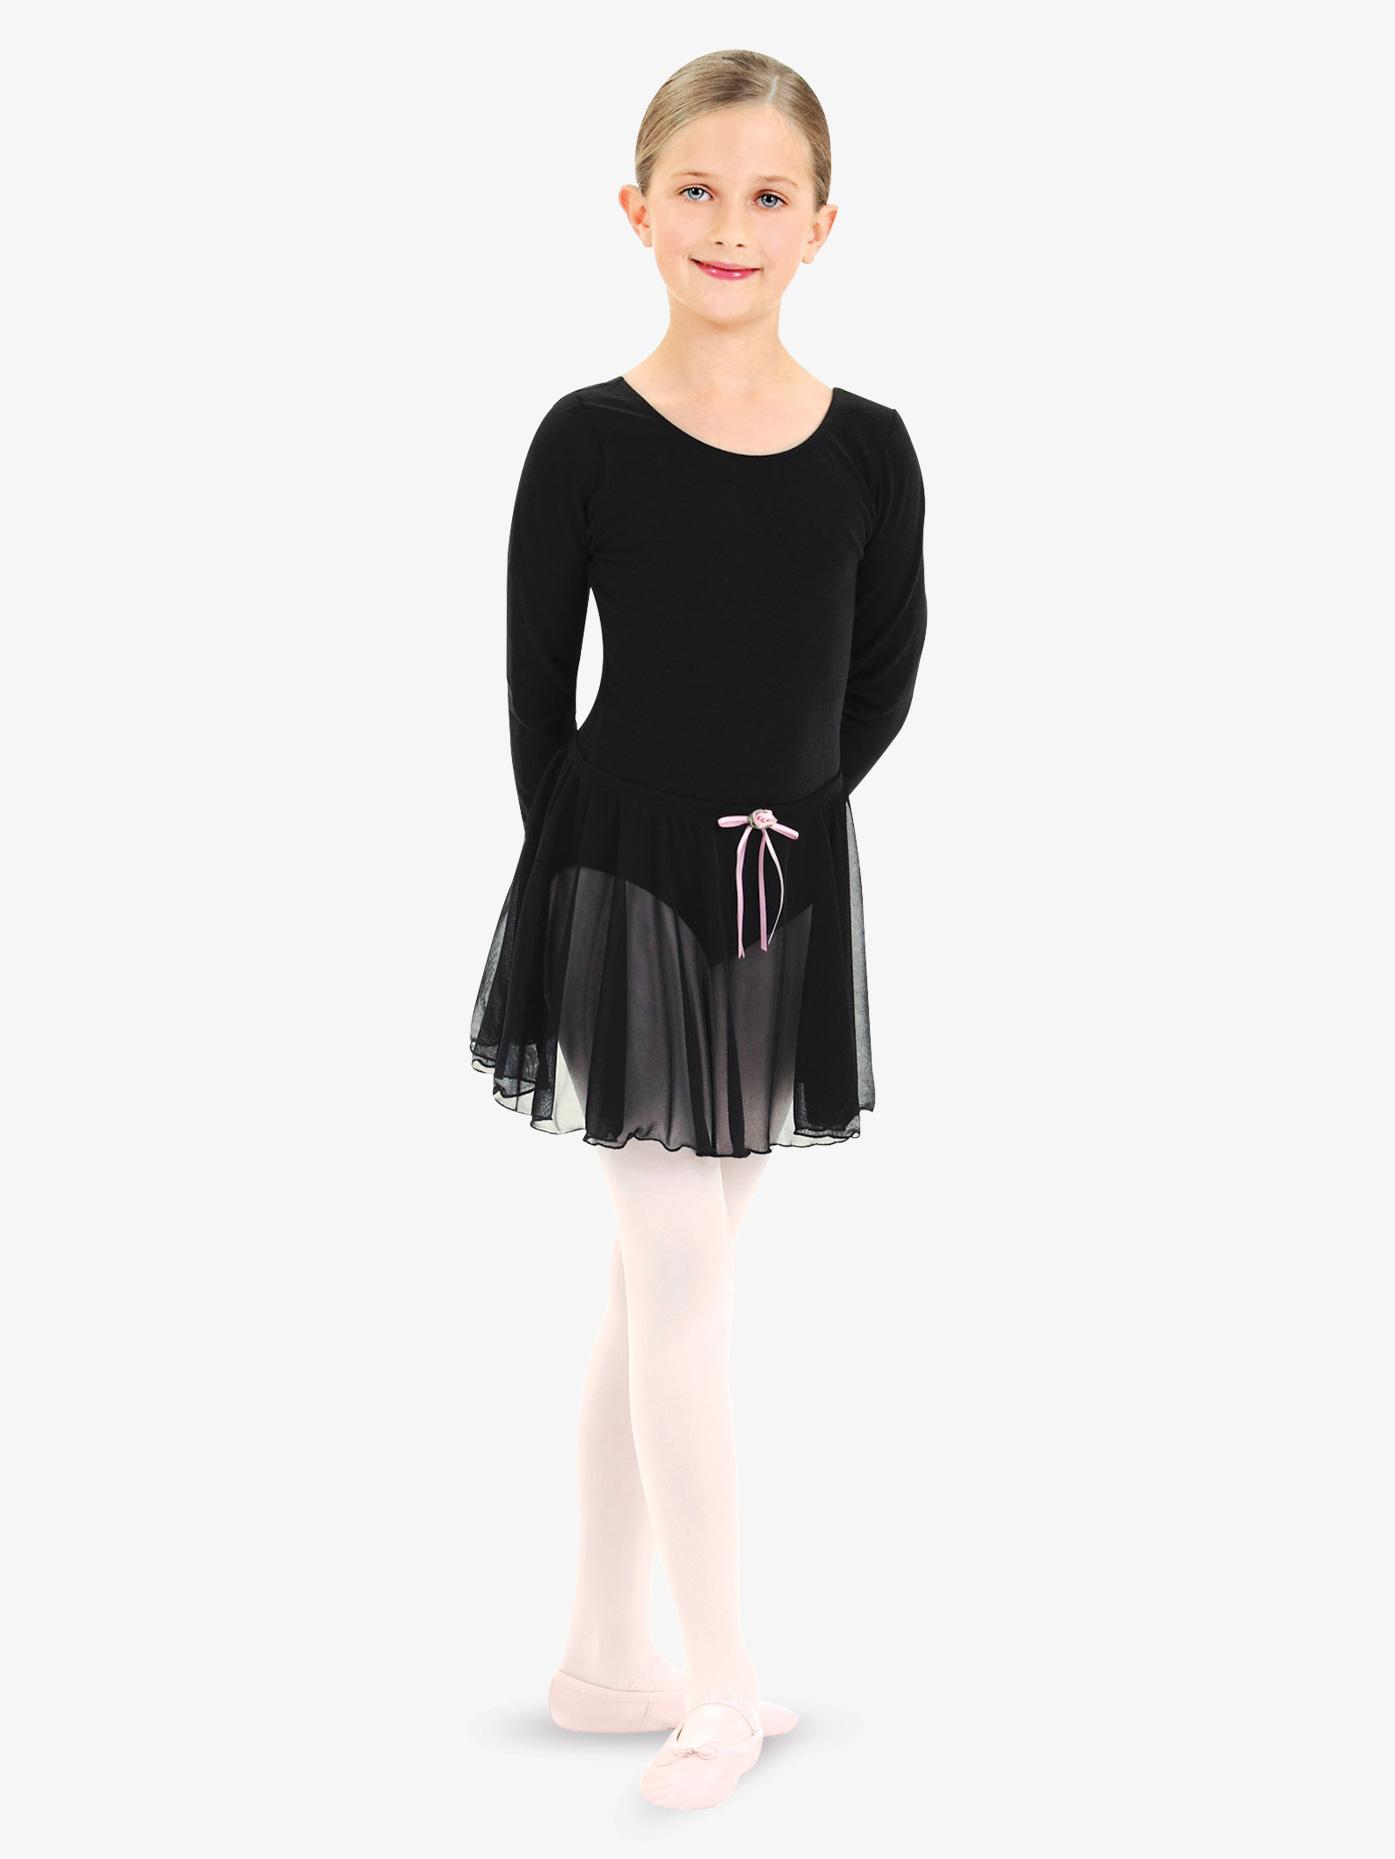 b5e676759 Chiffon Skirt - Tutus   Skirts